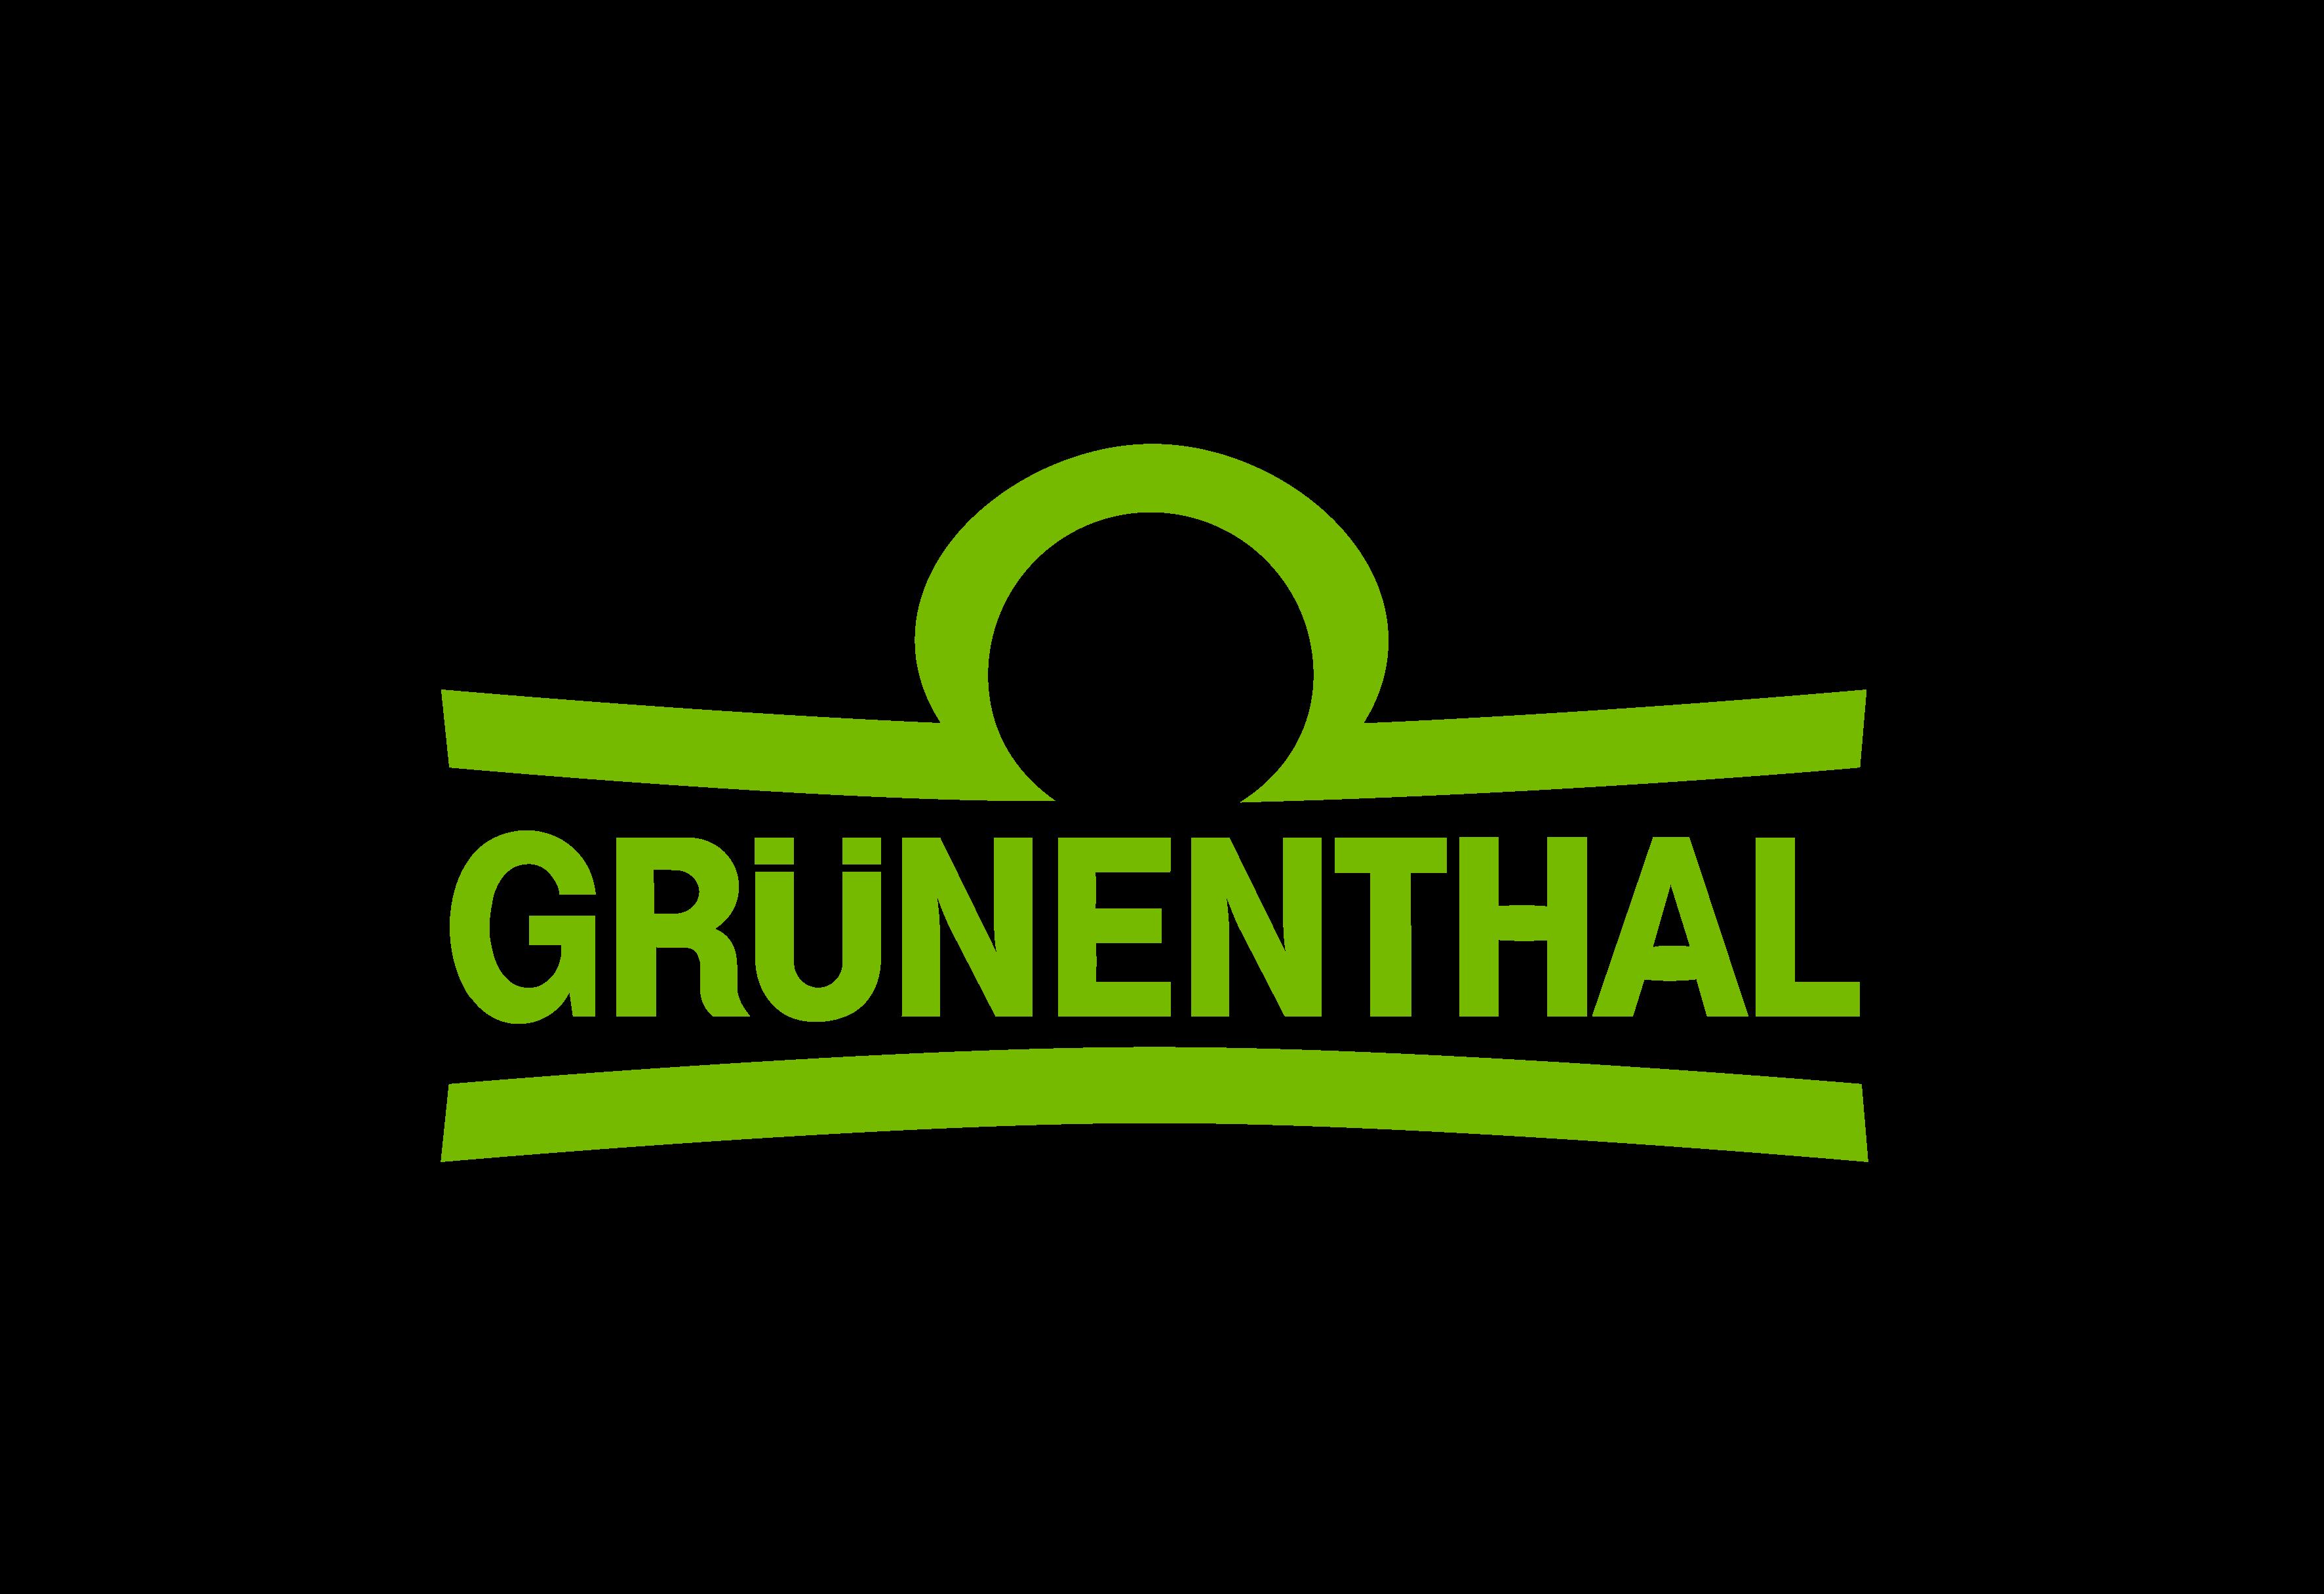 Gruenenthal Logo 01